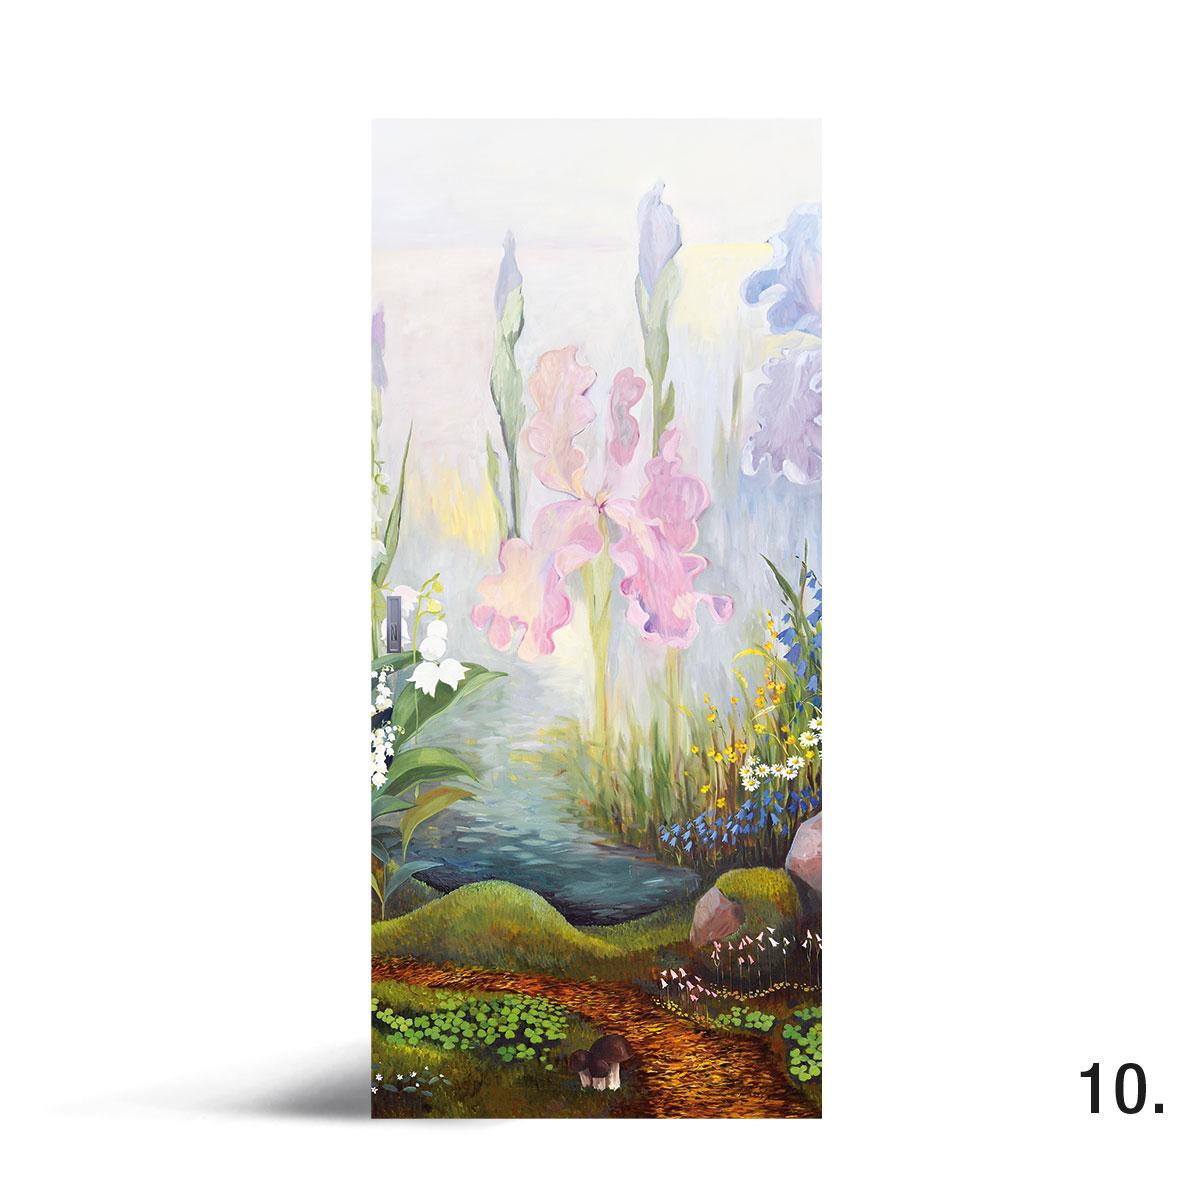 Liune Taide - D20 by Johanna Oras: Onnellisuuden polulla yksilehtinen